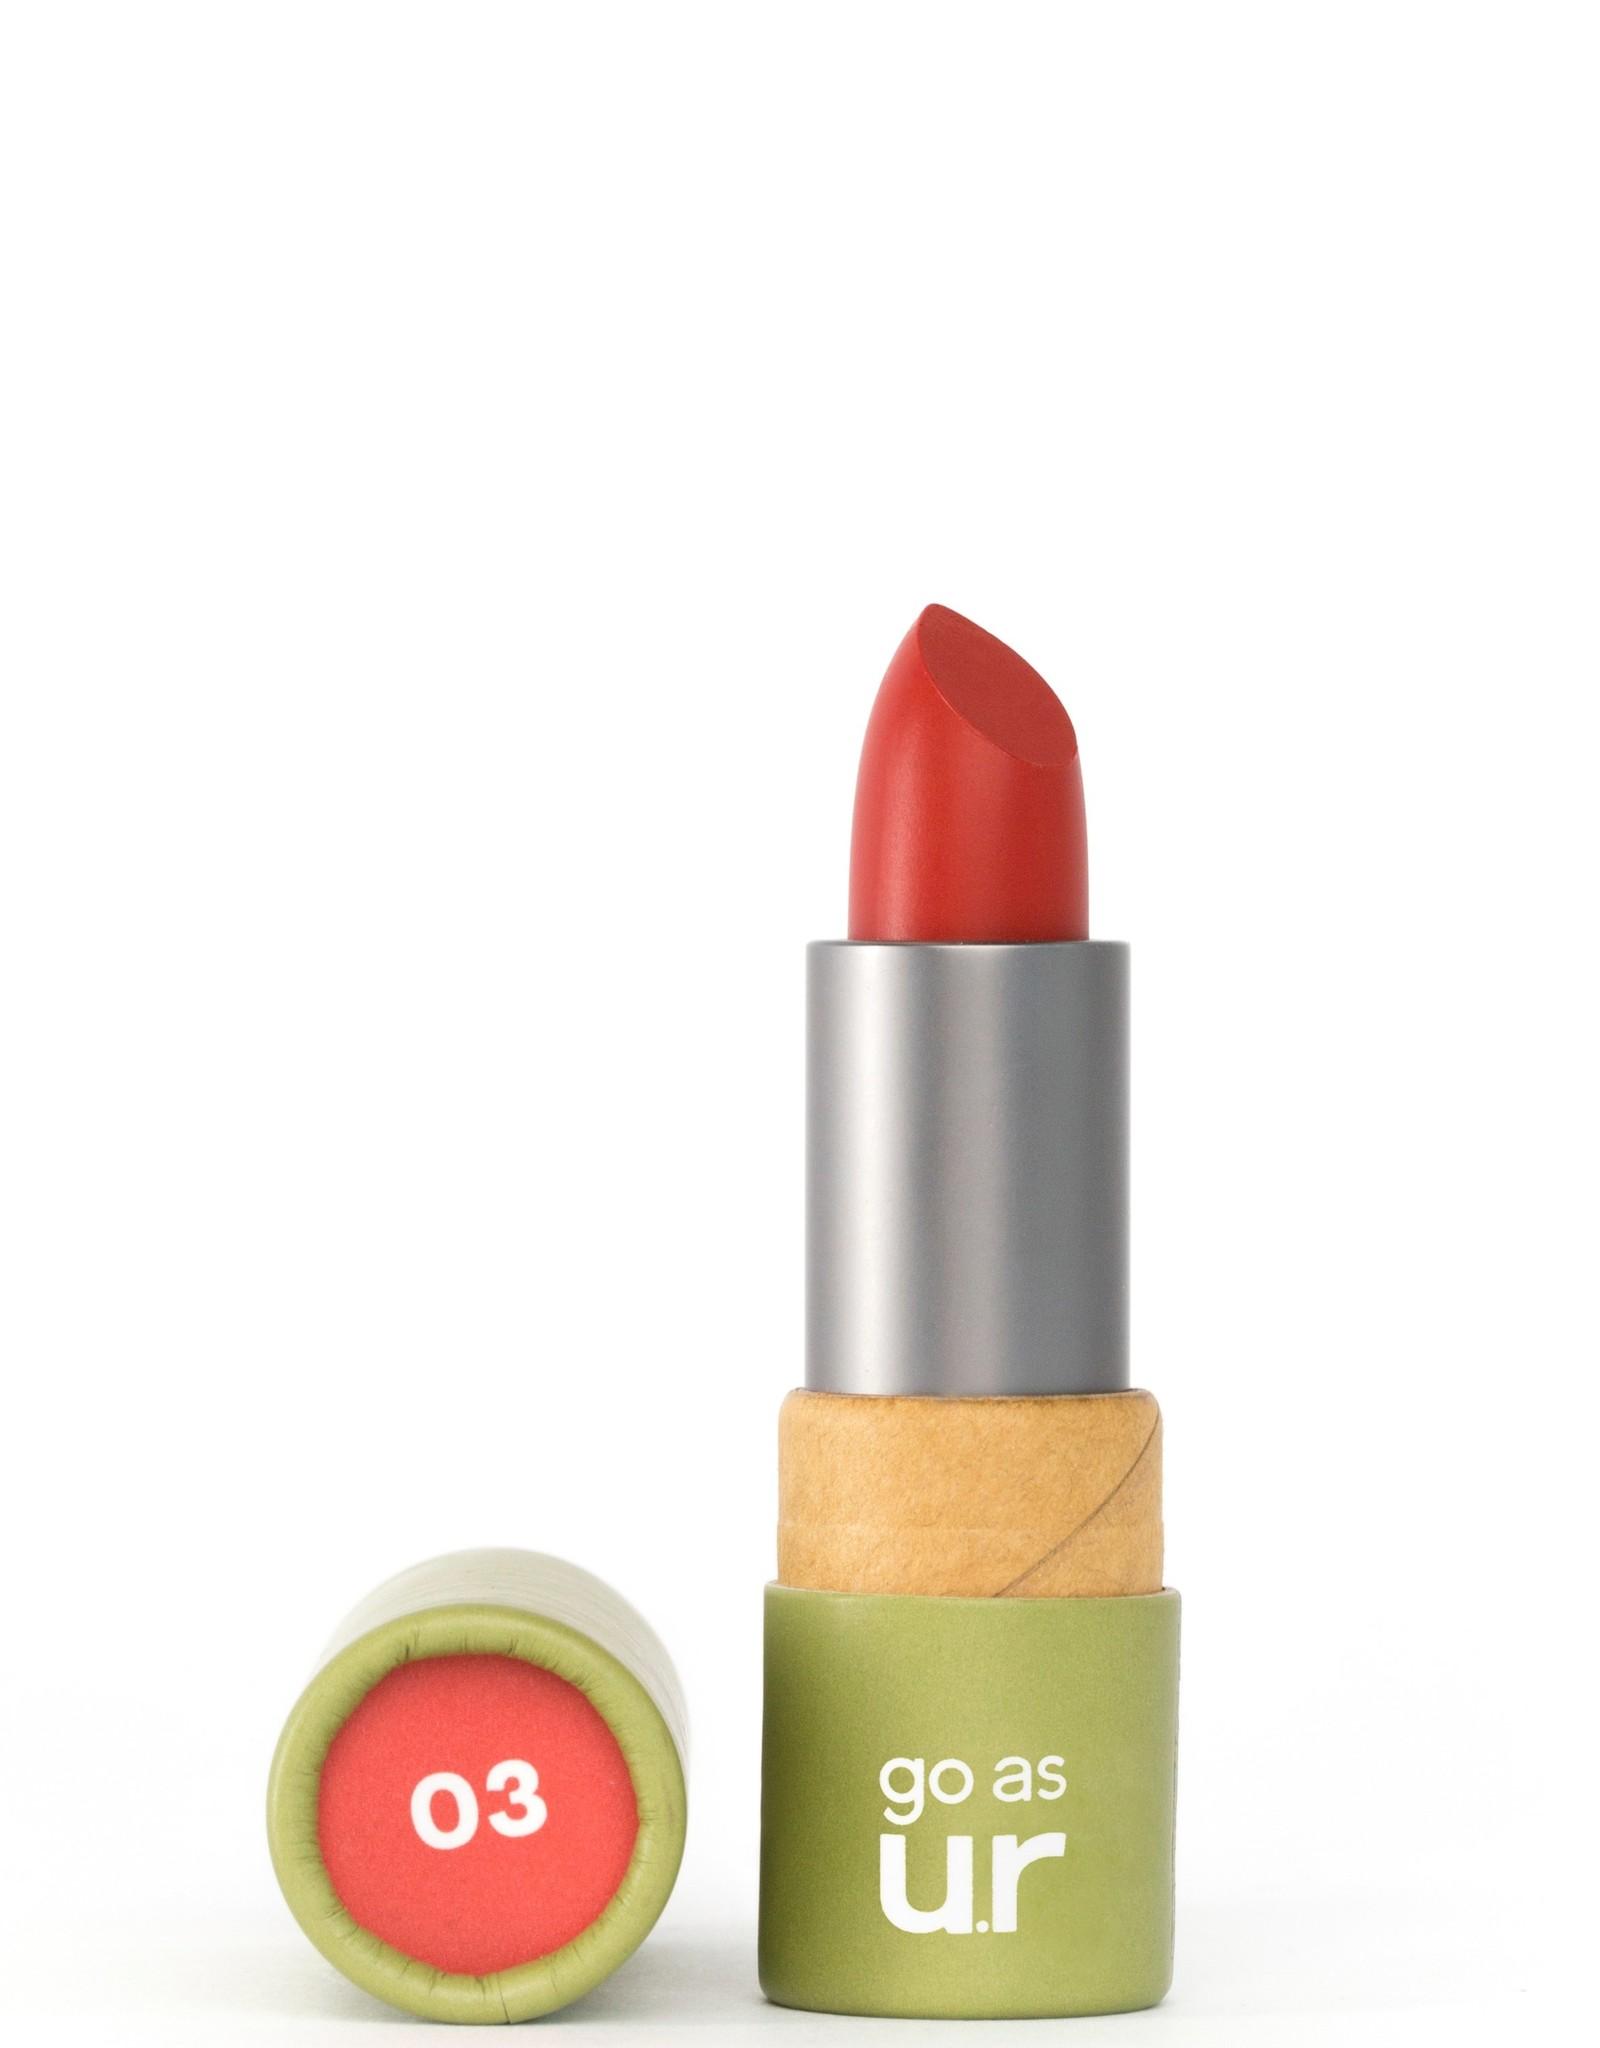 Go as ur Vegan Lippenstift Rebellious Red